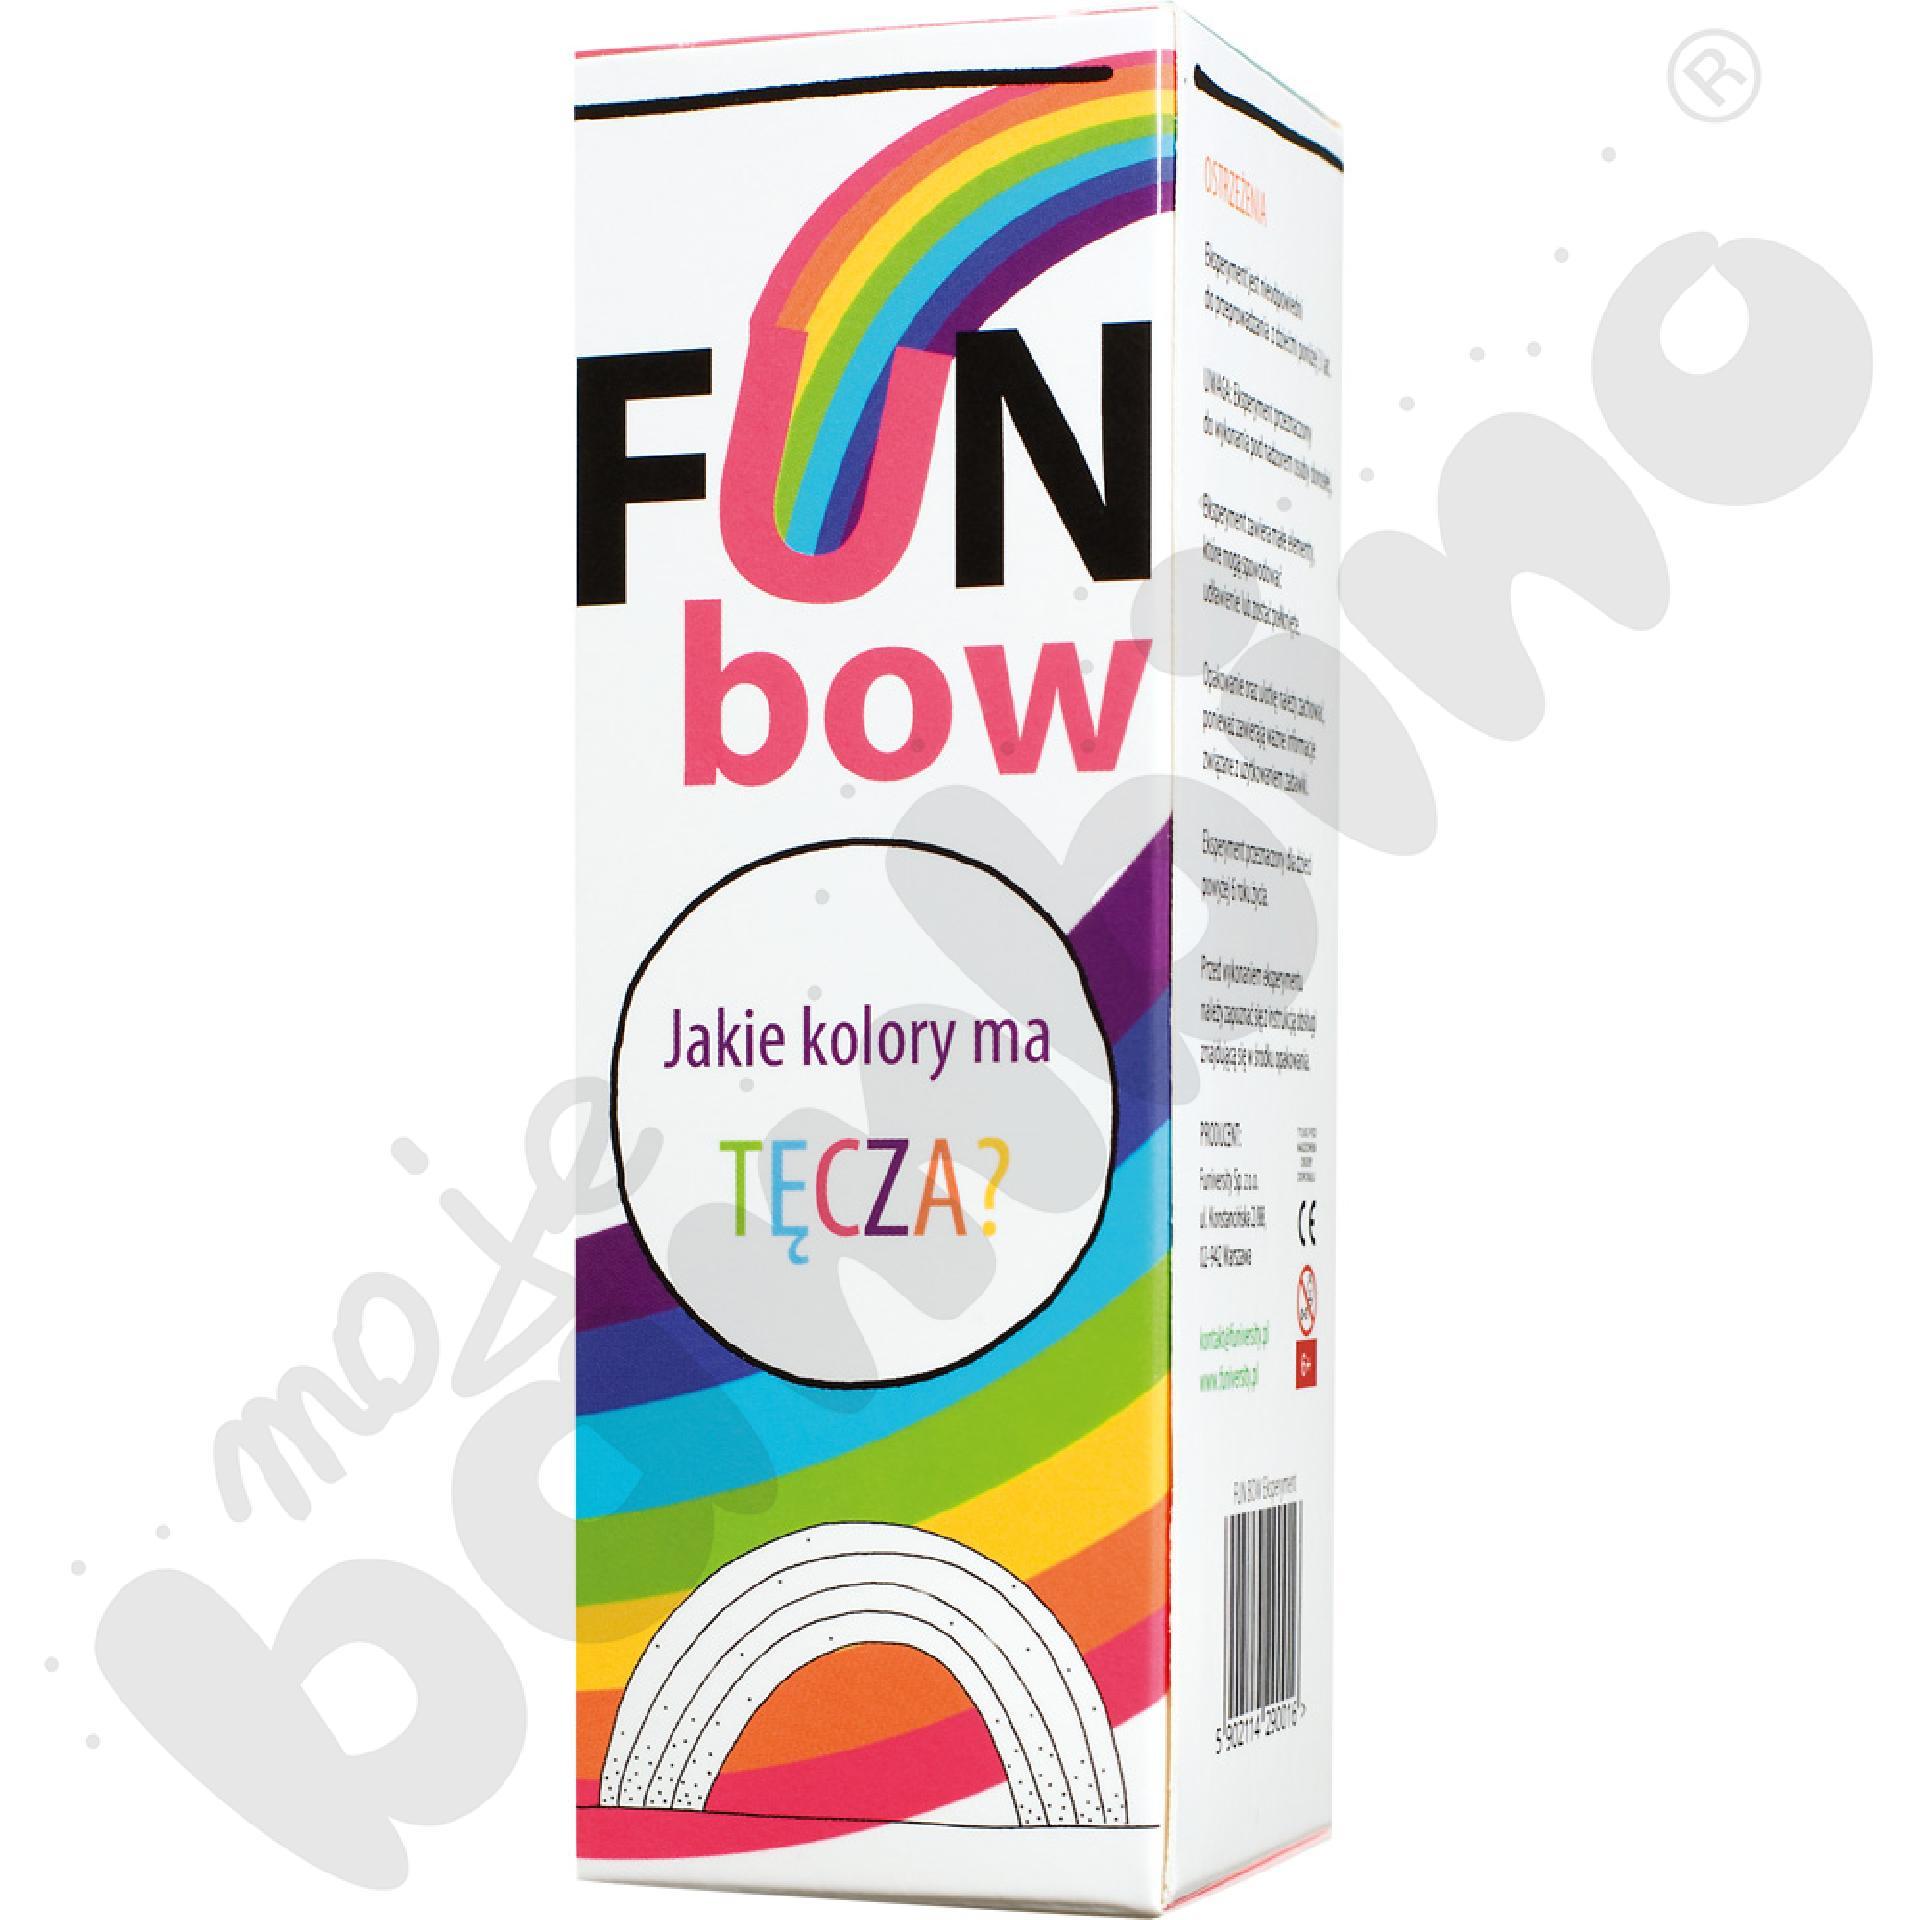 Fun bow - mini eksperyment z tęczą